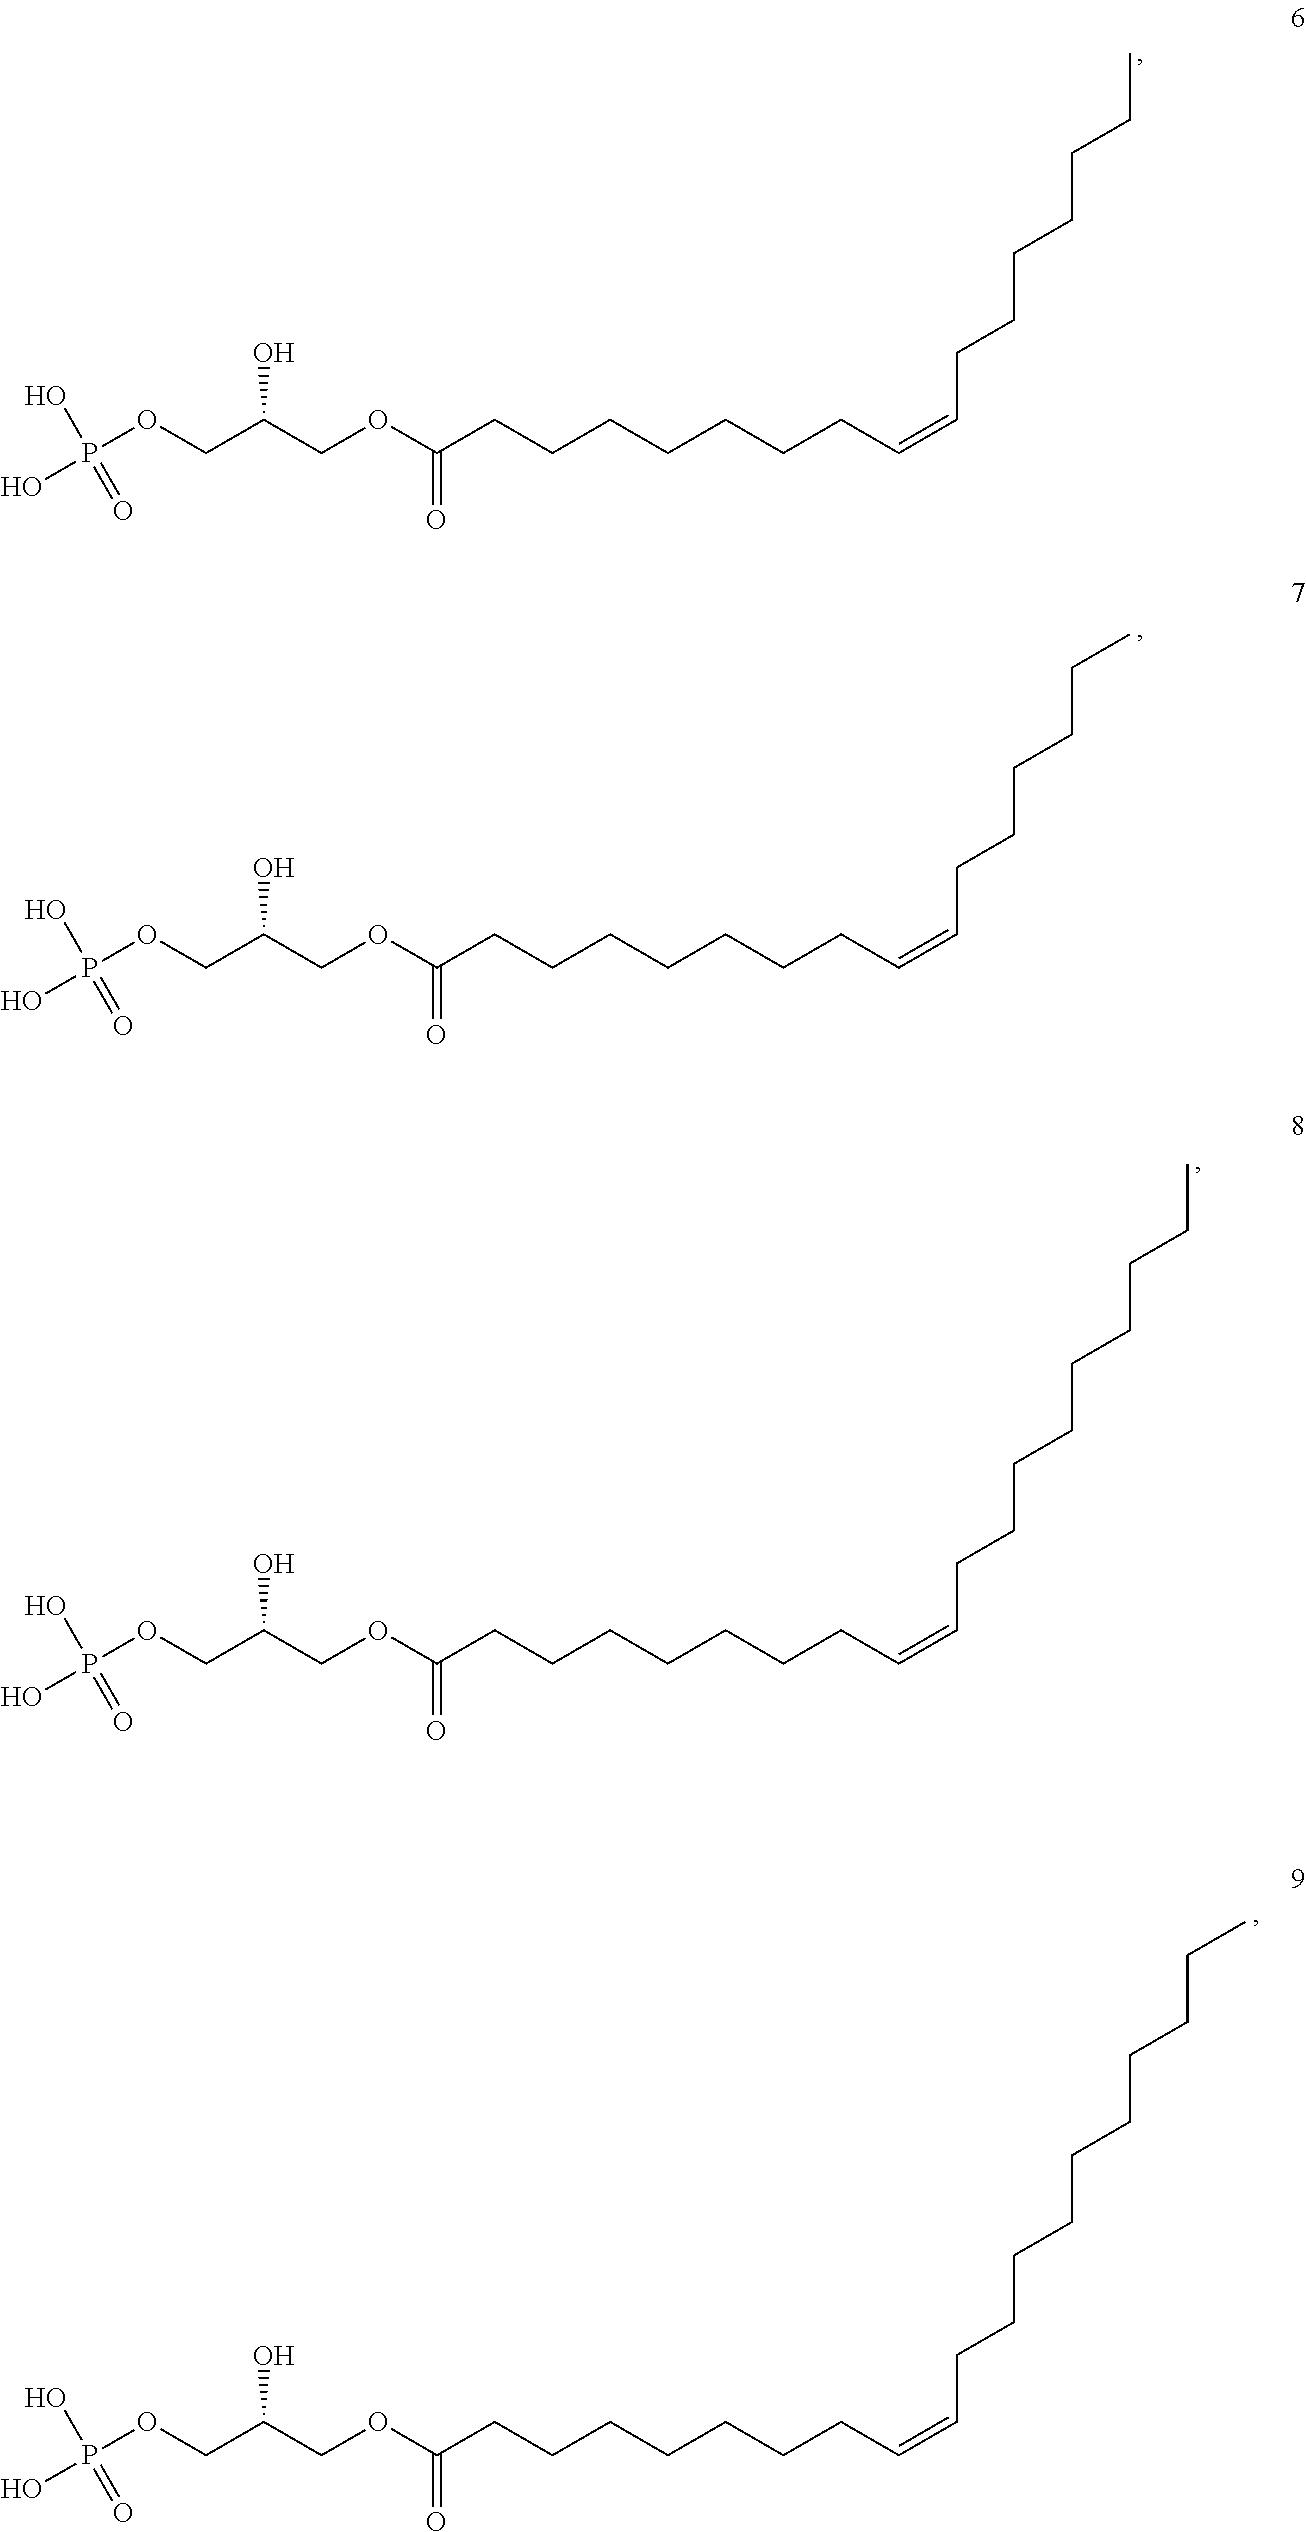 Figure US20110189199A1-20110804-C00004